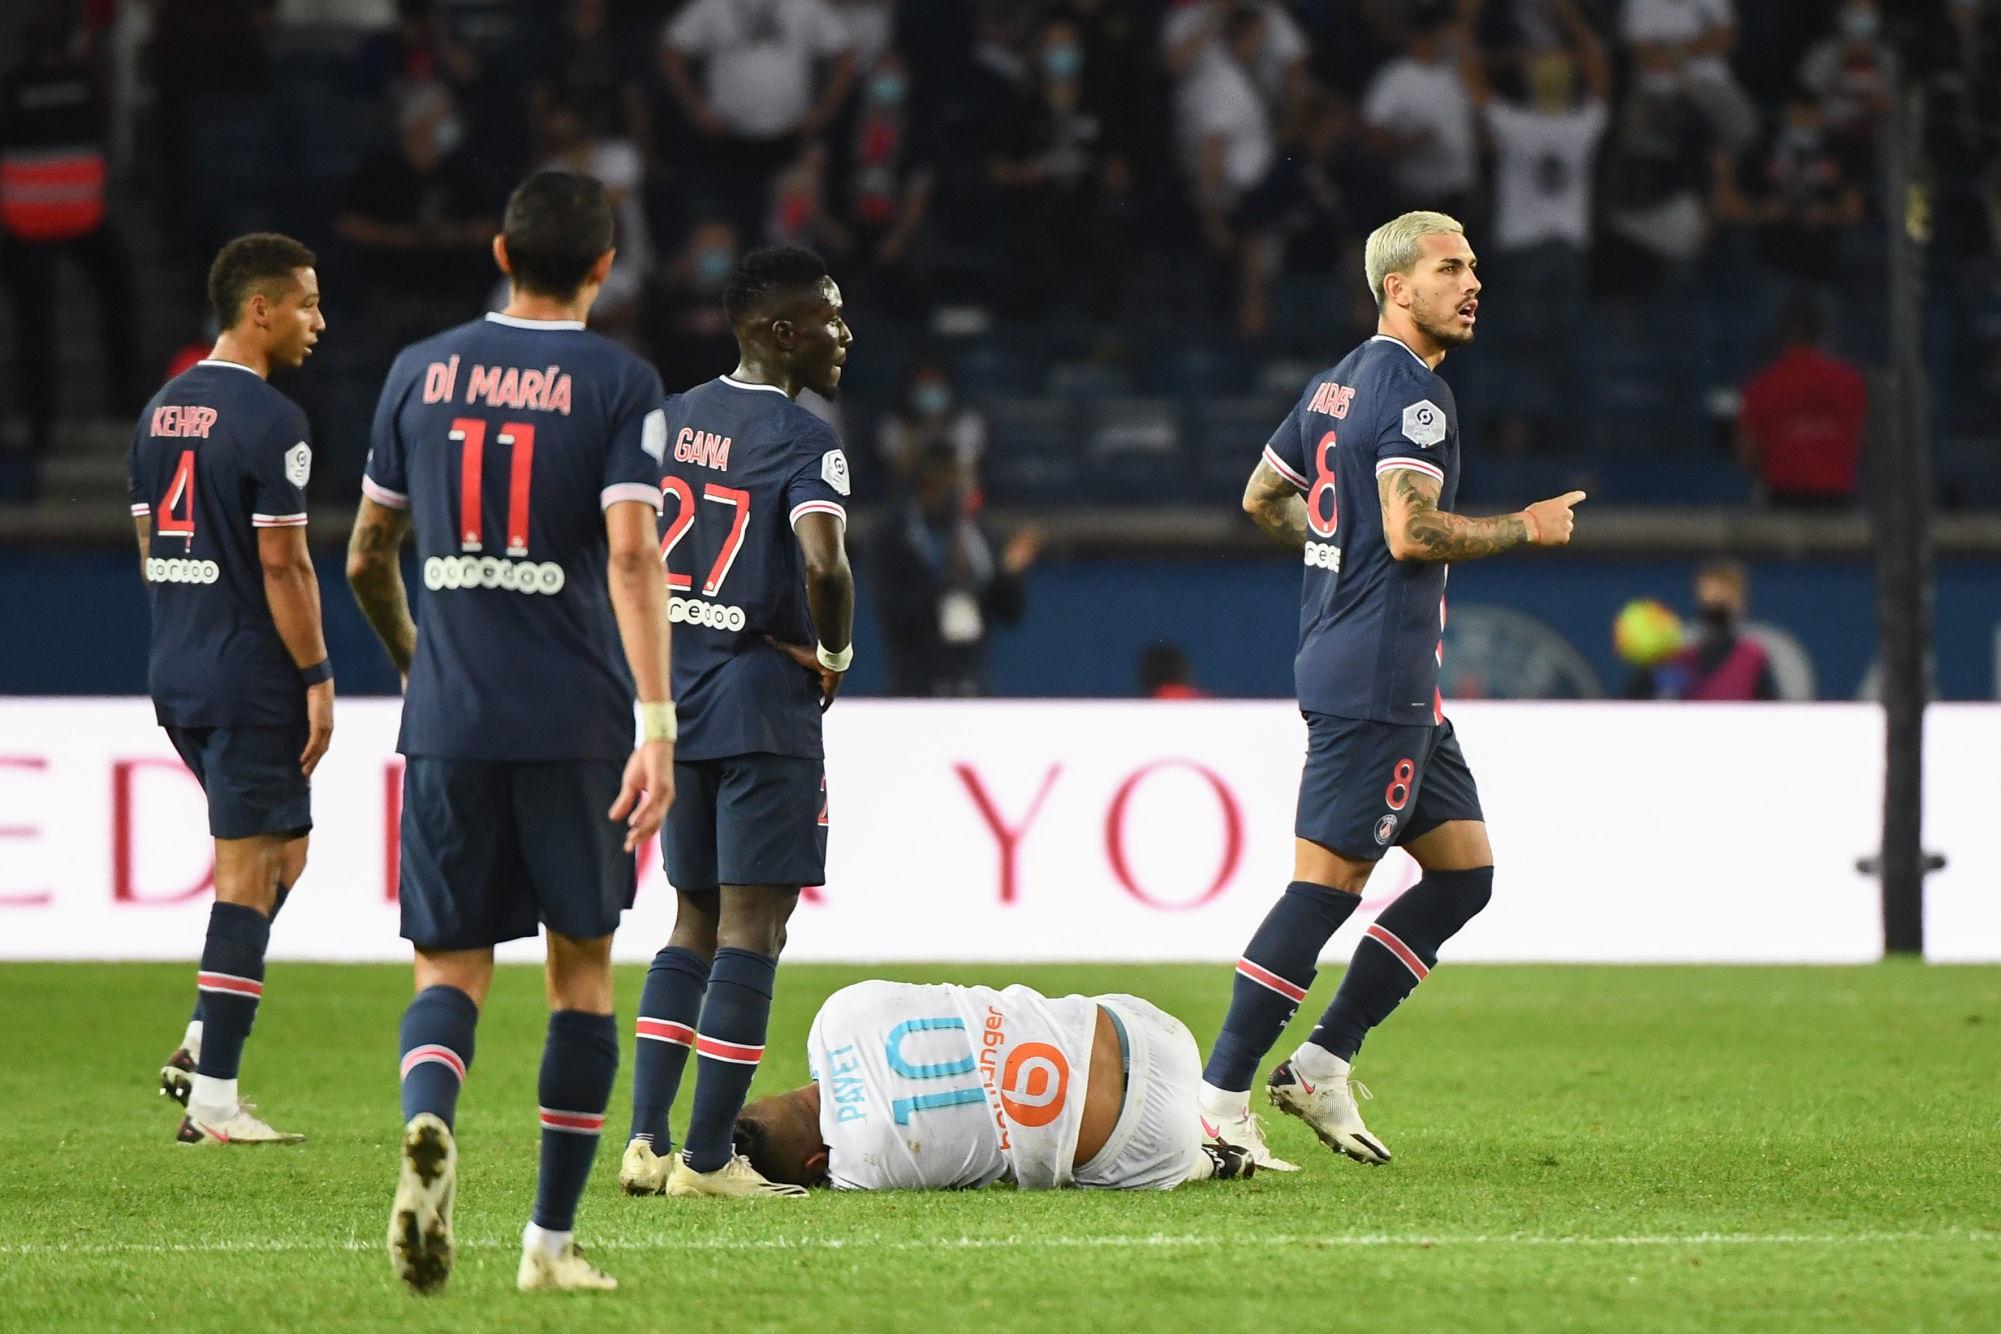 Ligue 1 - Aucun joueur du PSG dans l'équipe-type de la 3e journée de L'Equipe